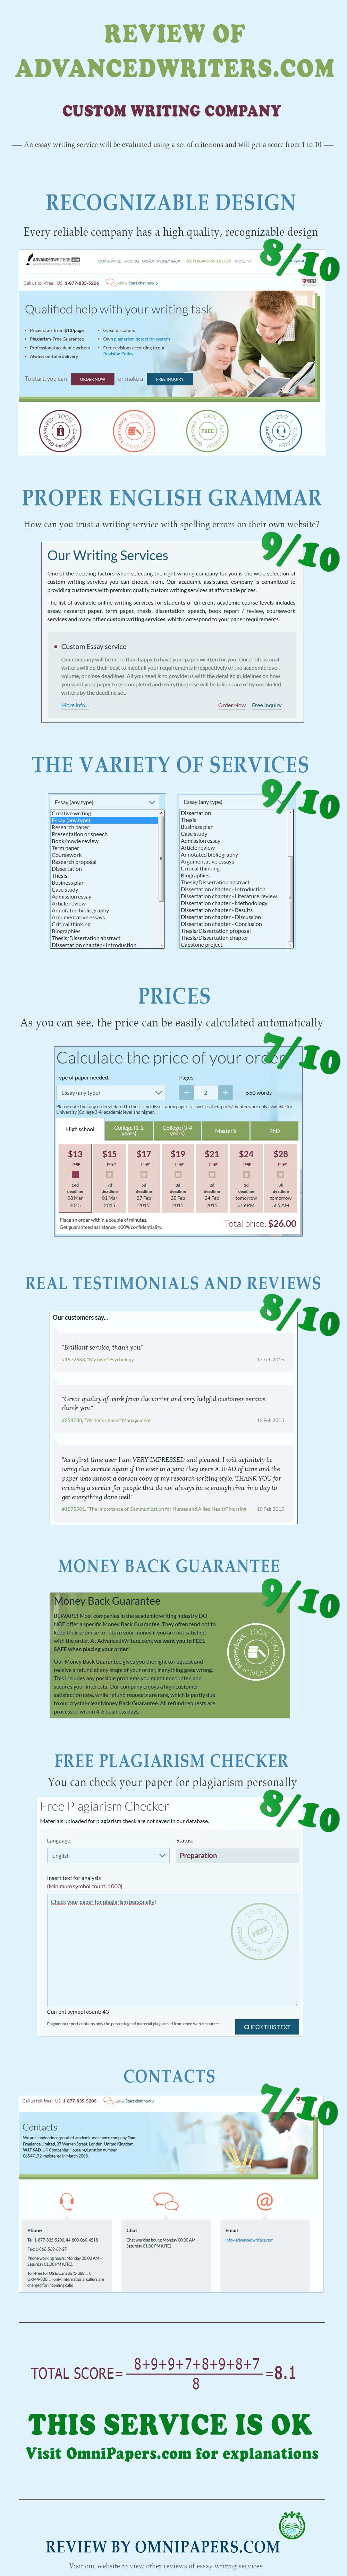 Advancedwriters.com review of custom essay writing